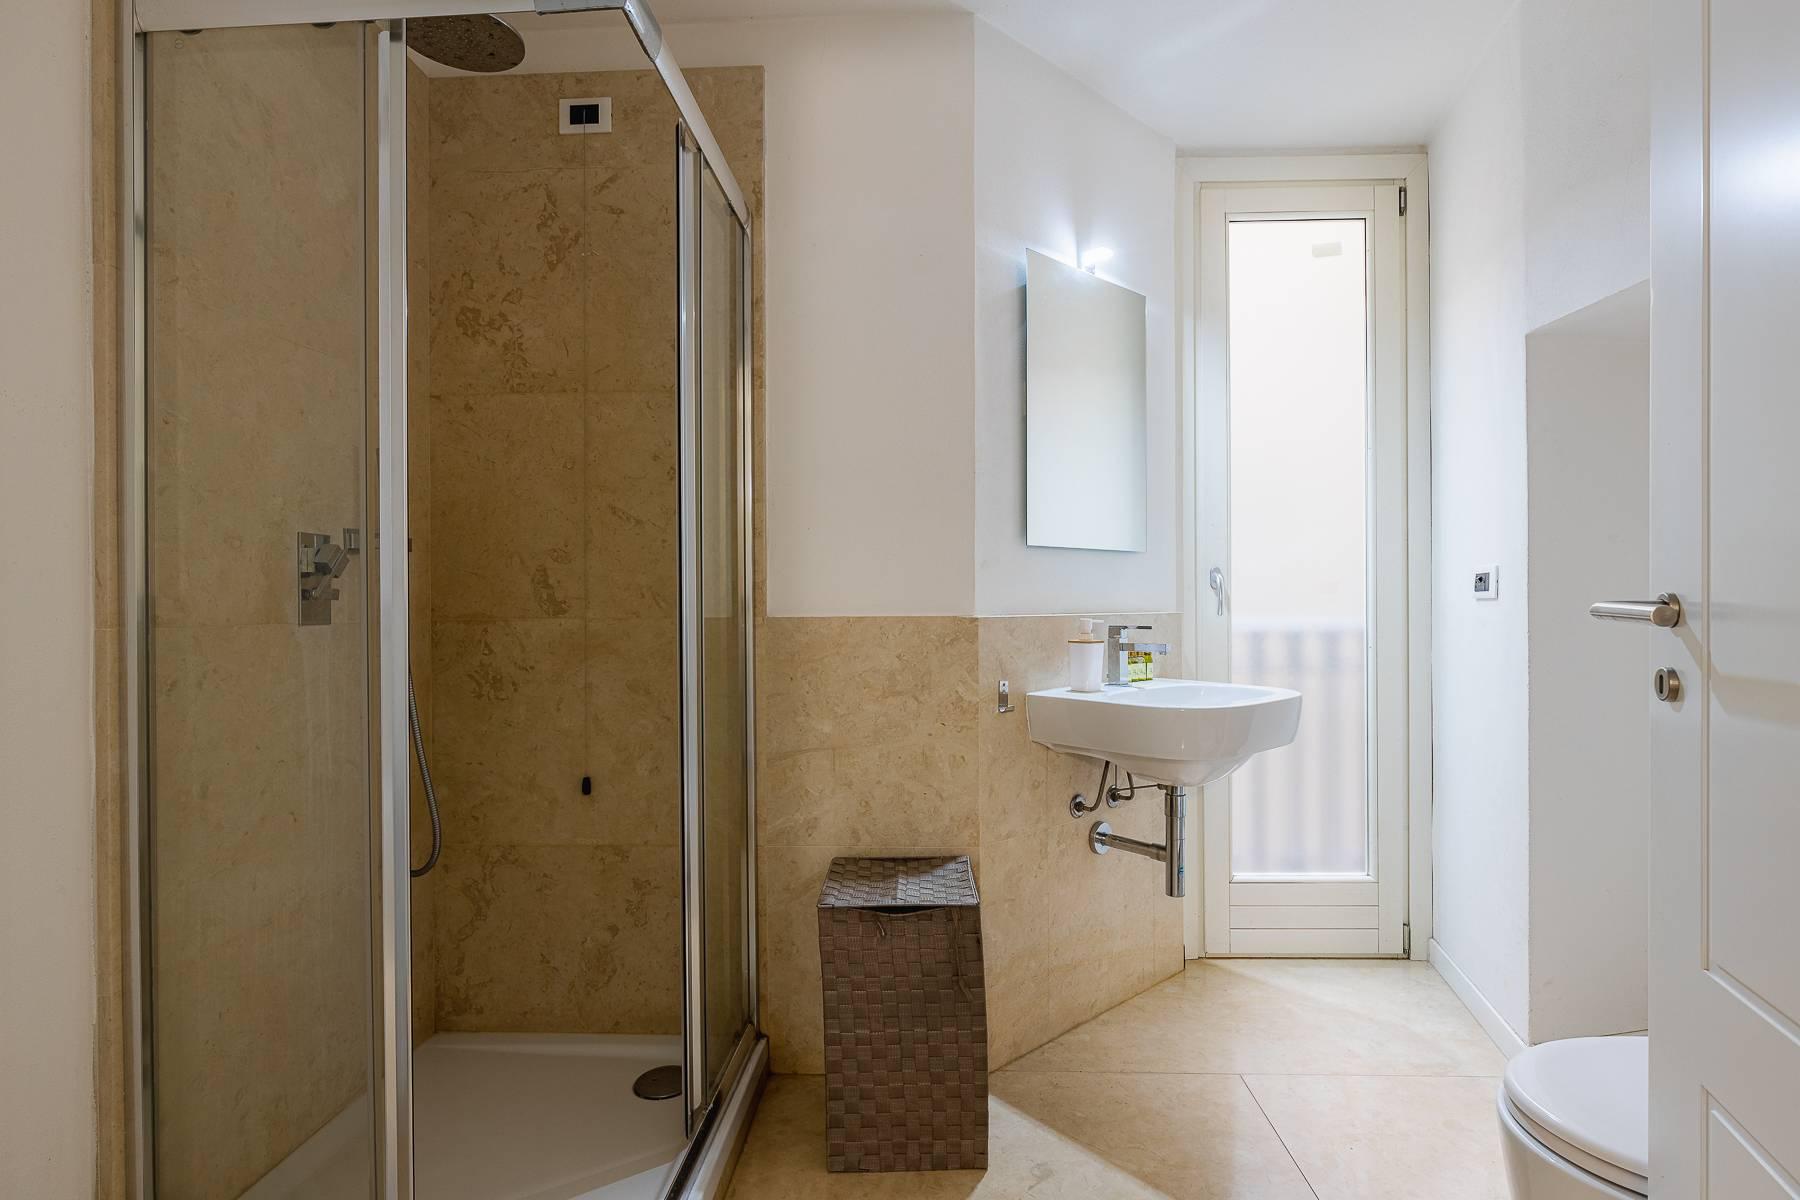 Appartamento in Vendita a Palermo: 4 locali, 154 mq - Foto 29